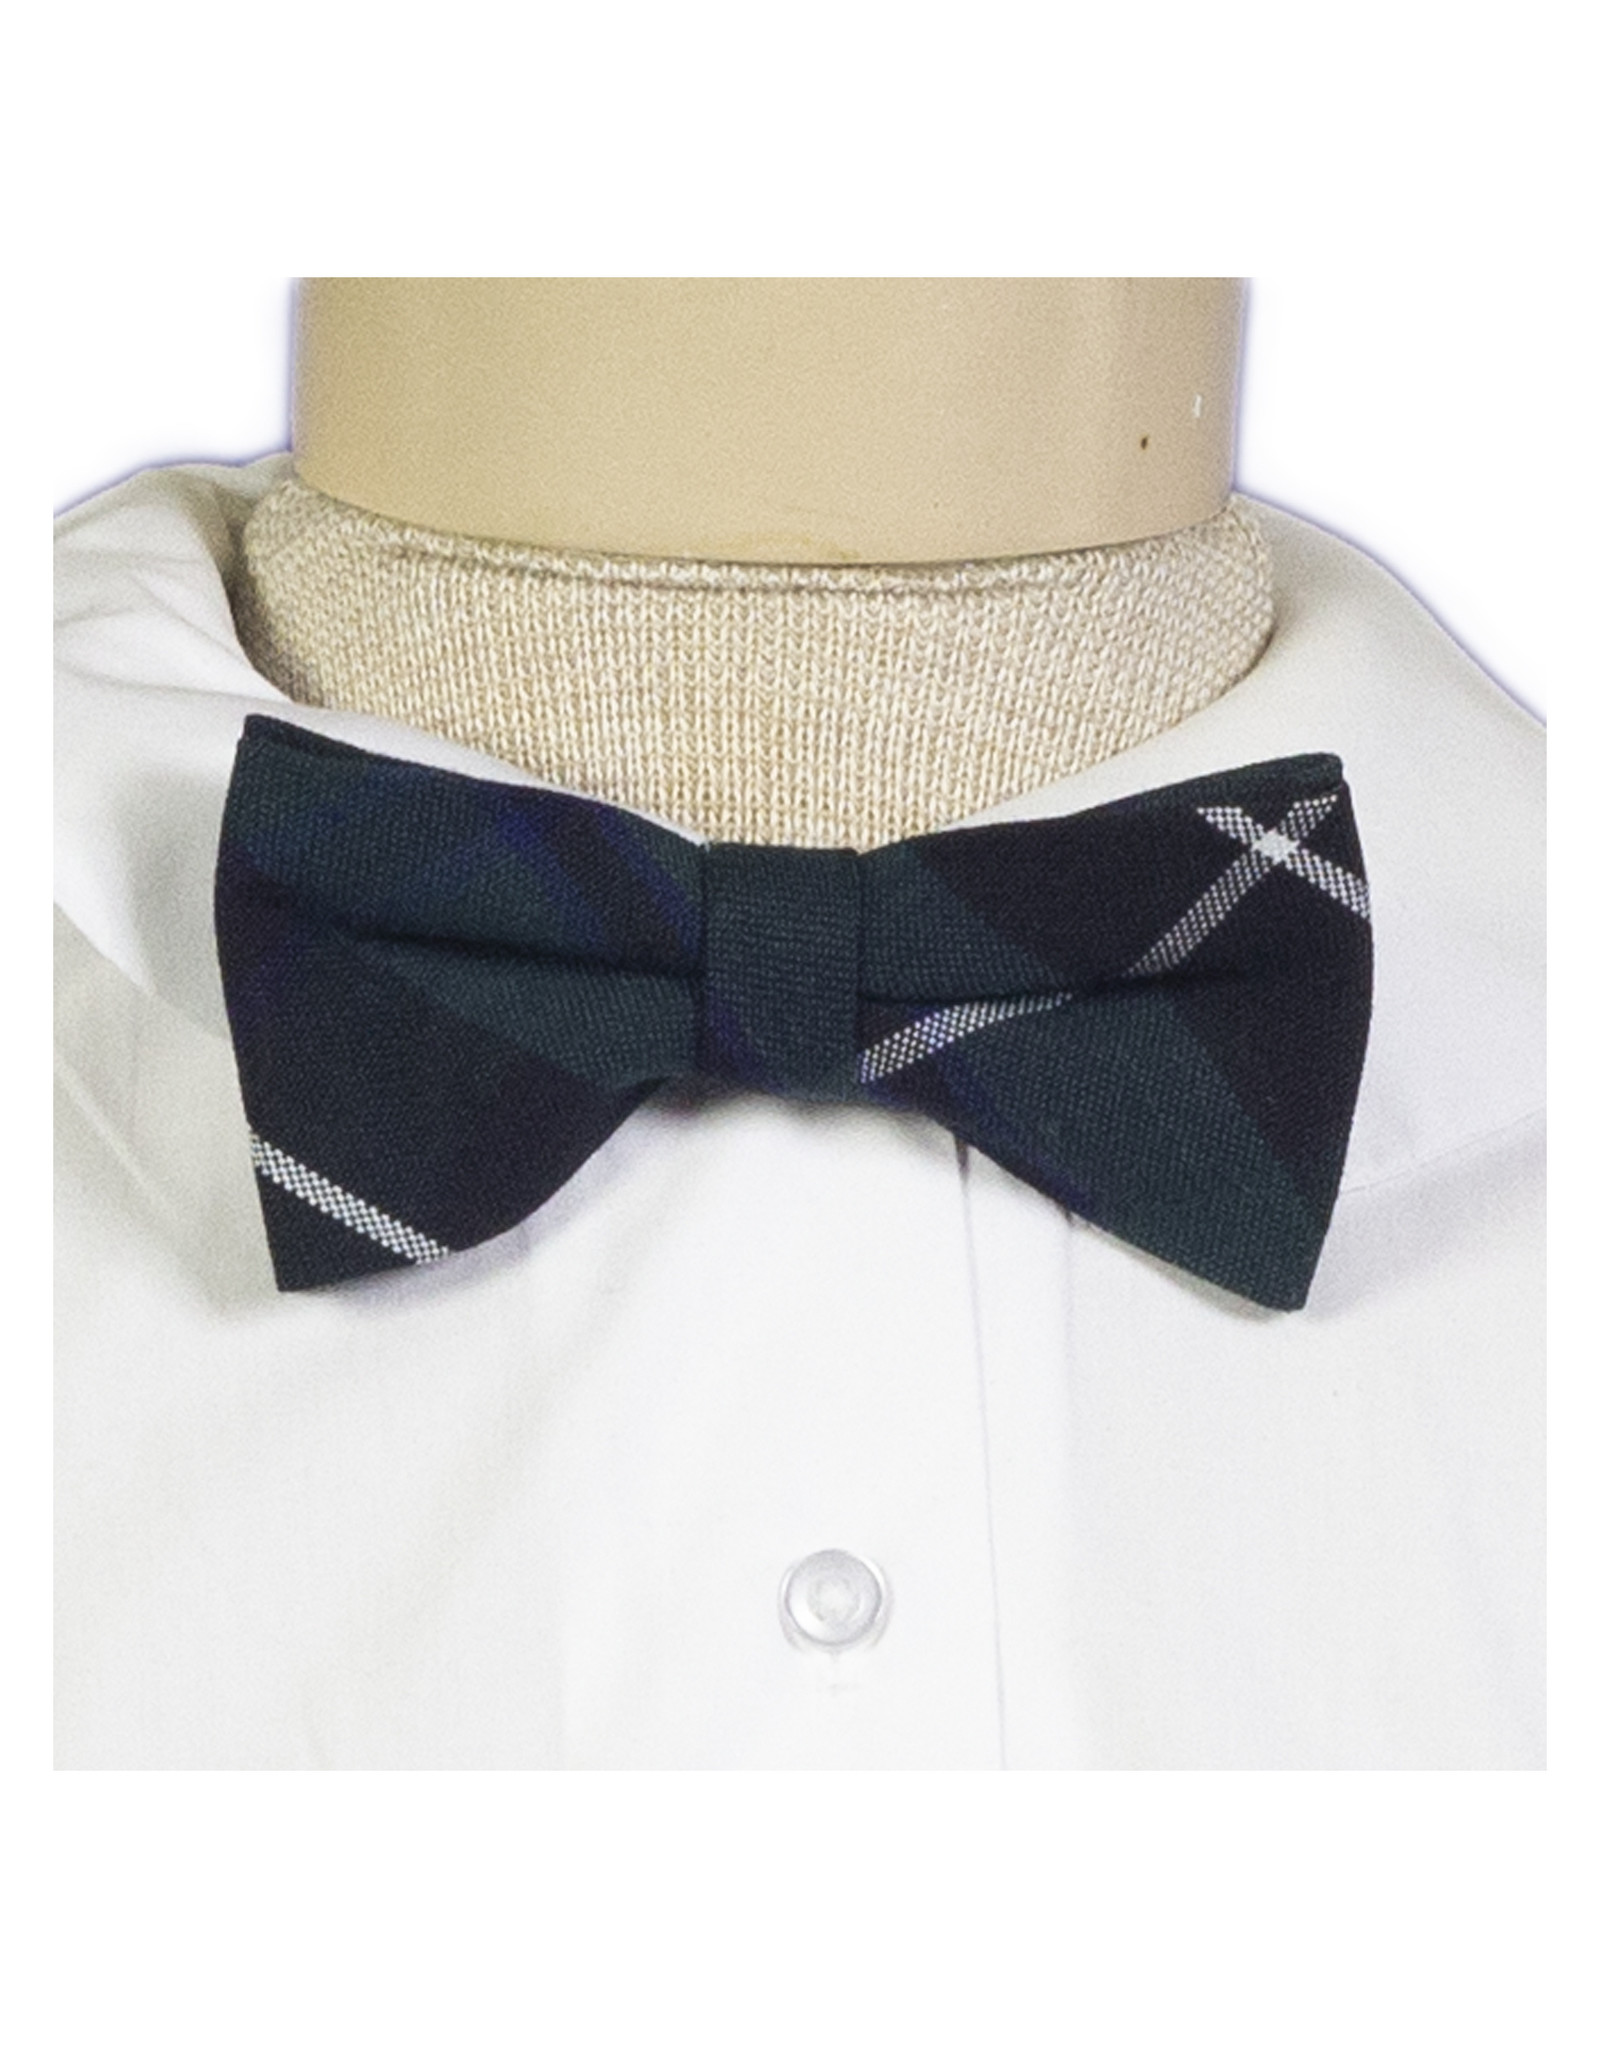 Bow Tie Plaid